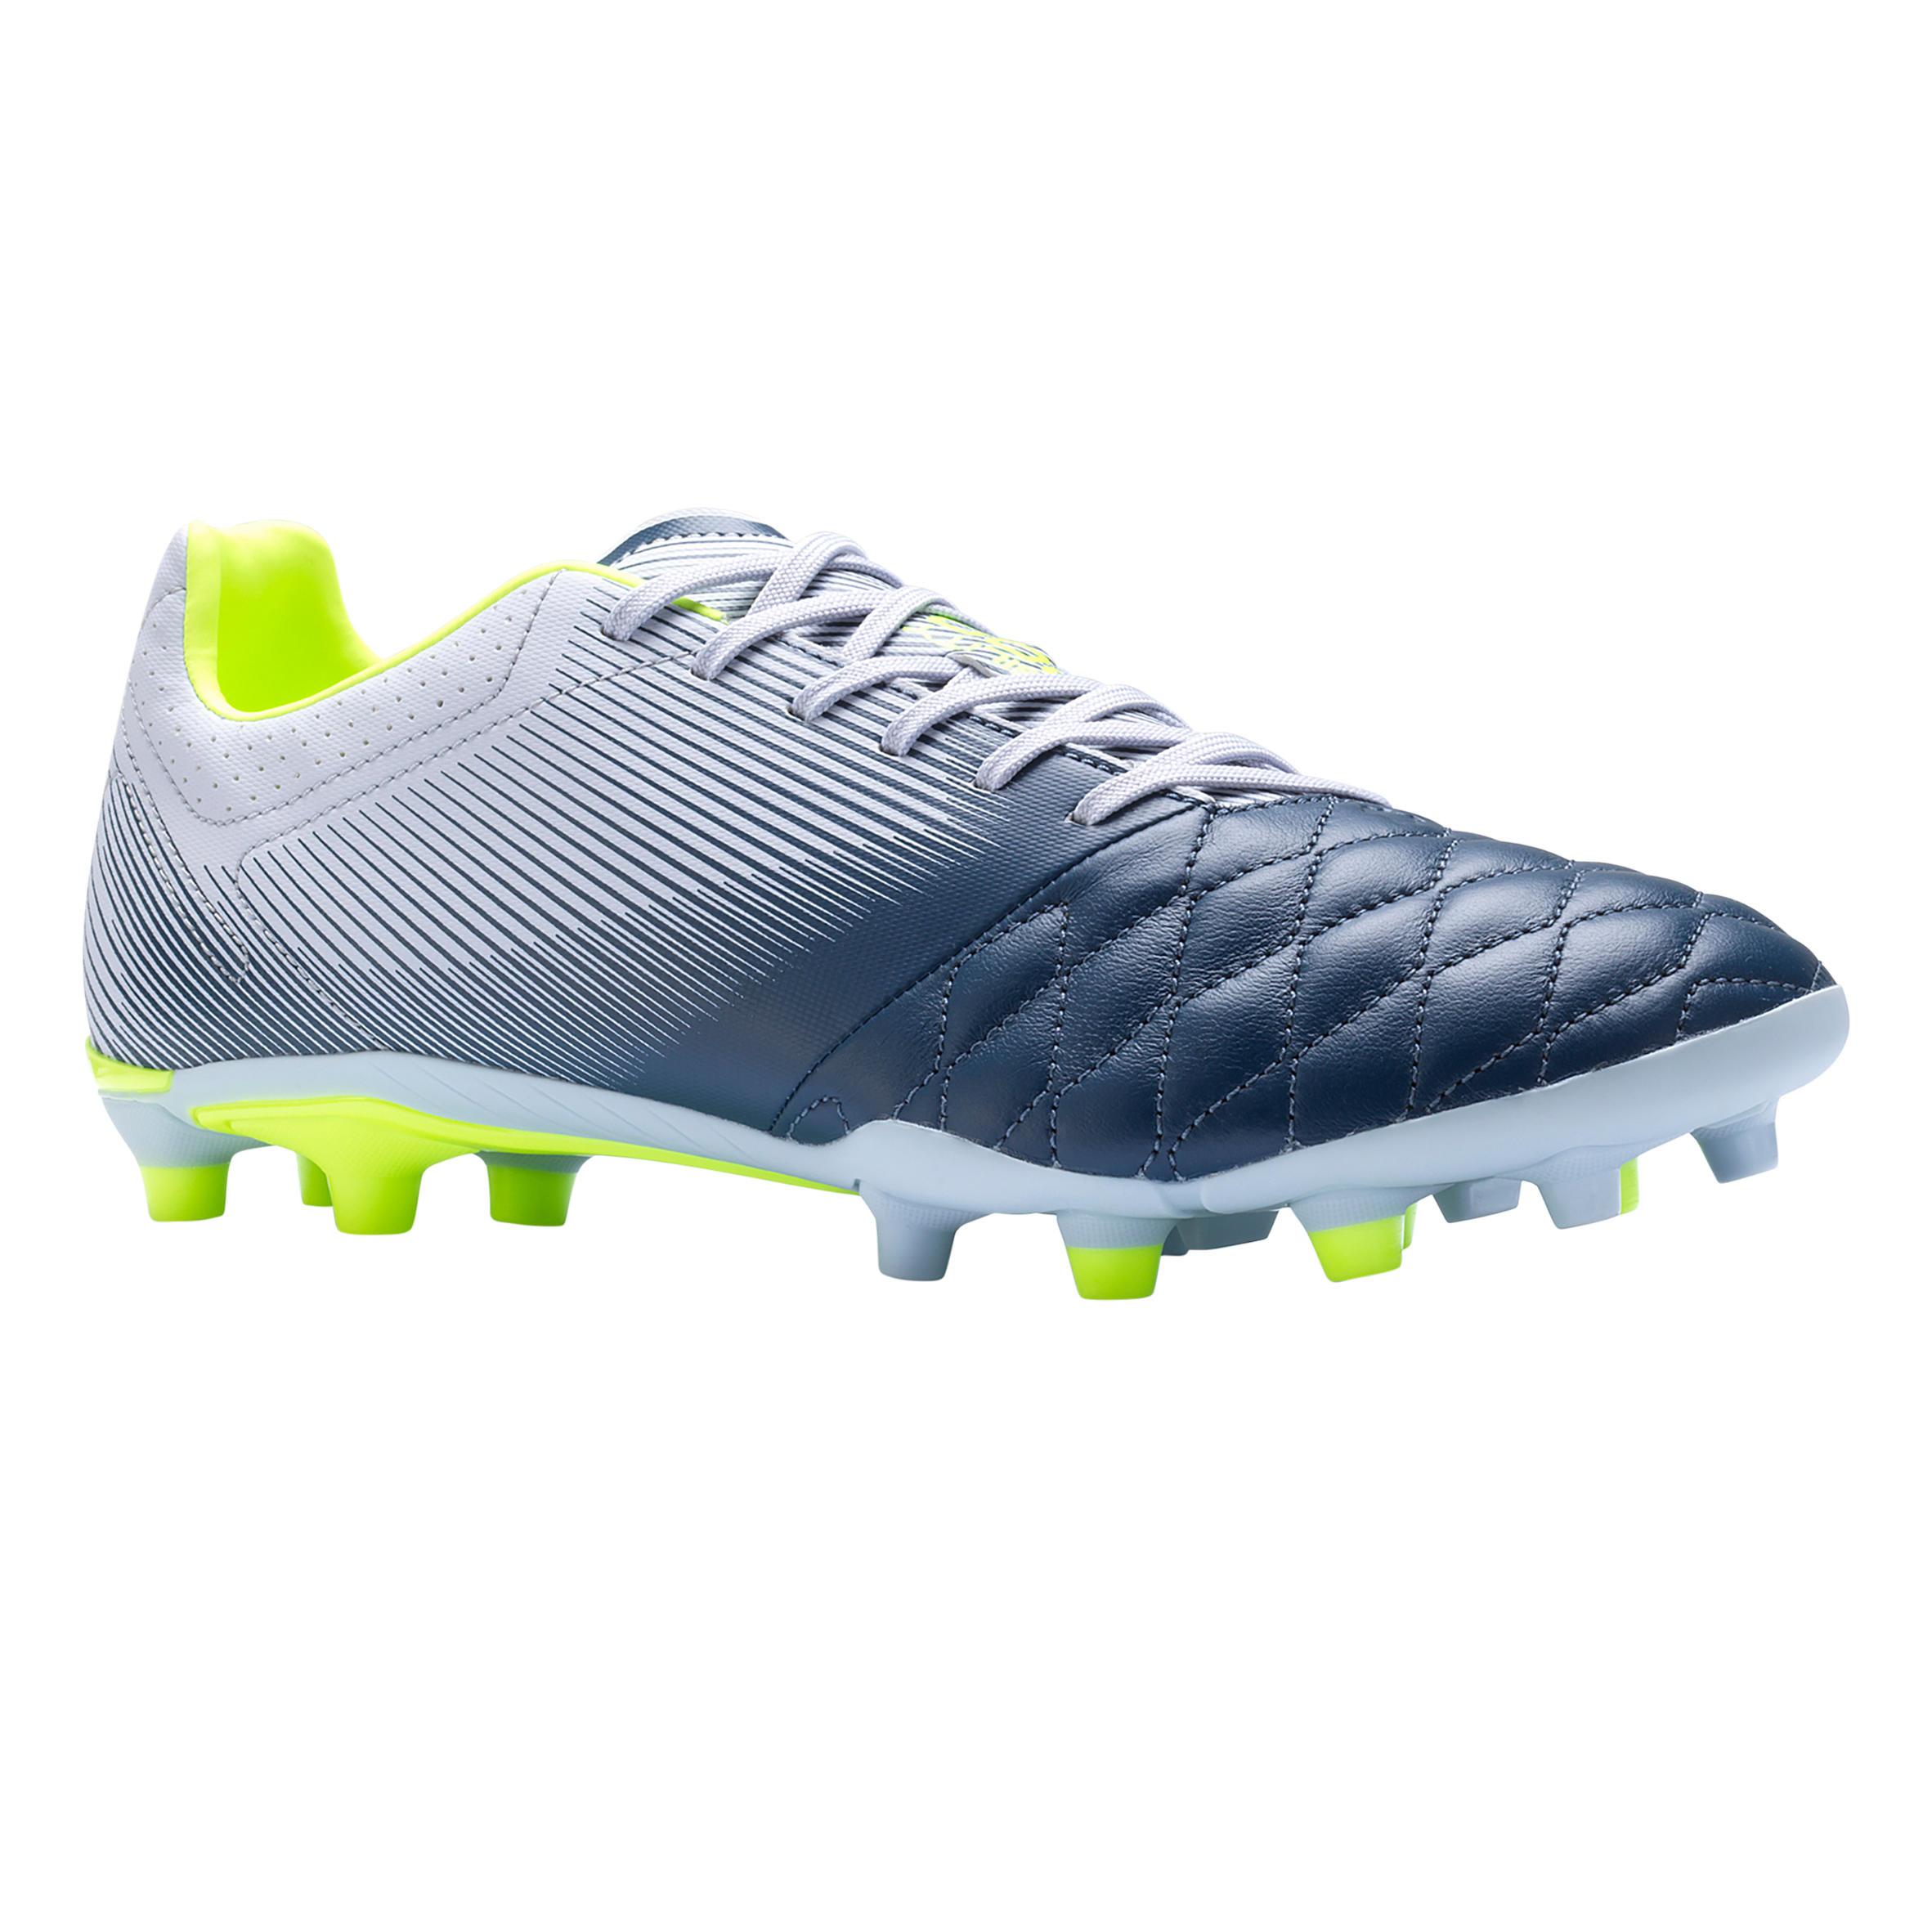 on sale 1cbe2 a5755 Comprar Botas de Fútbol Adultos y Zapatillas   Decathlon